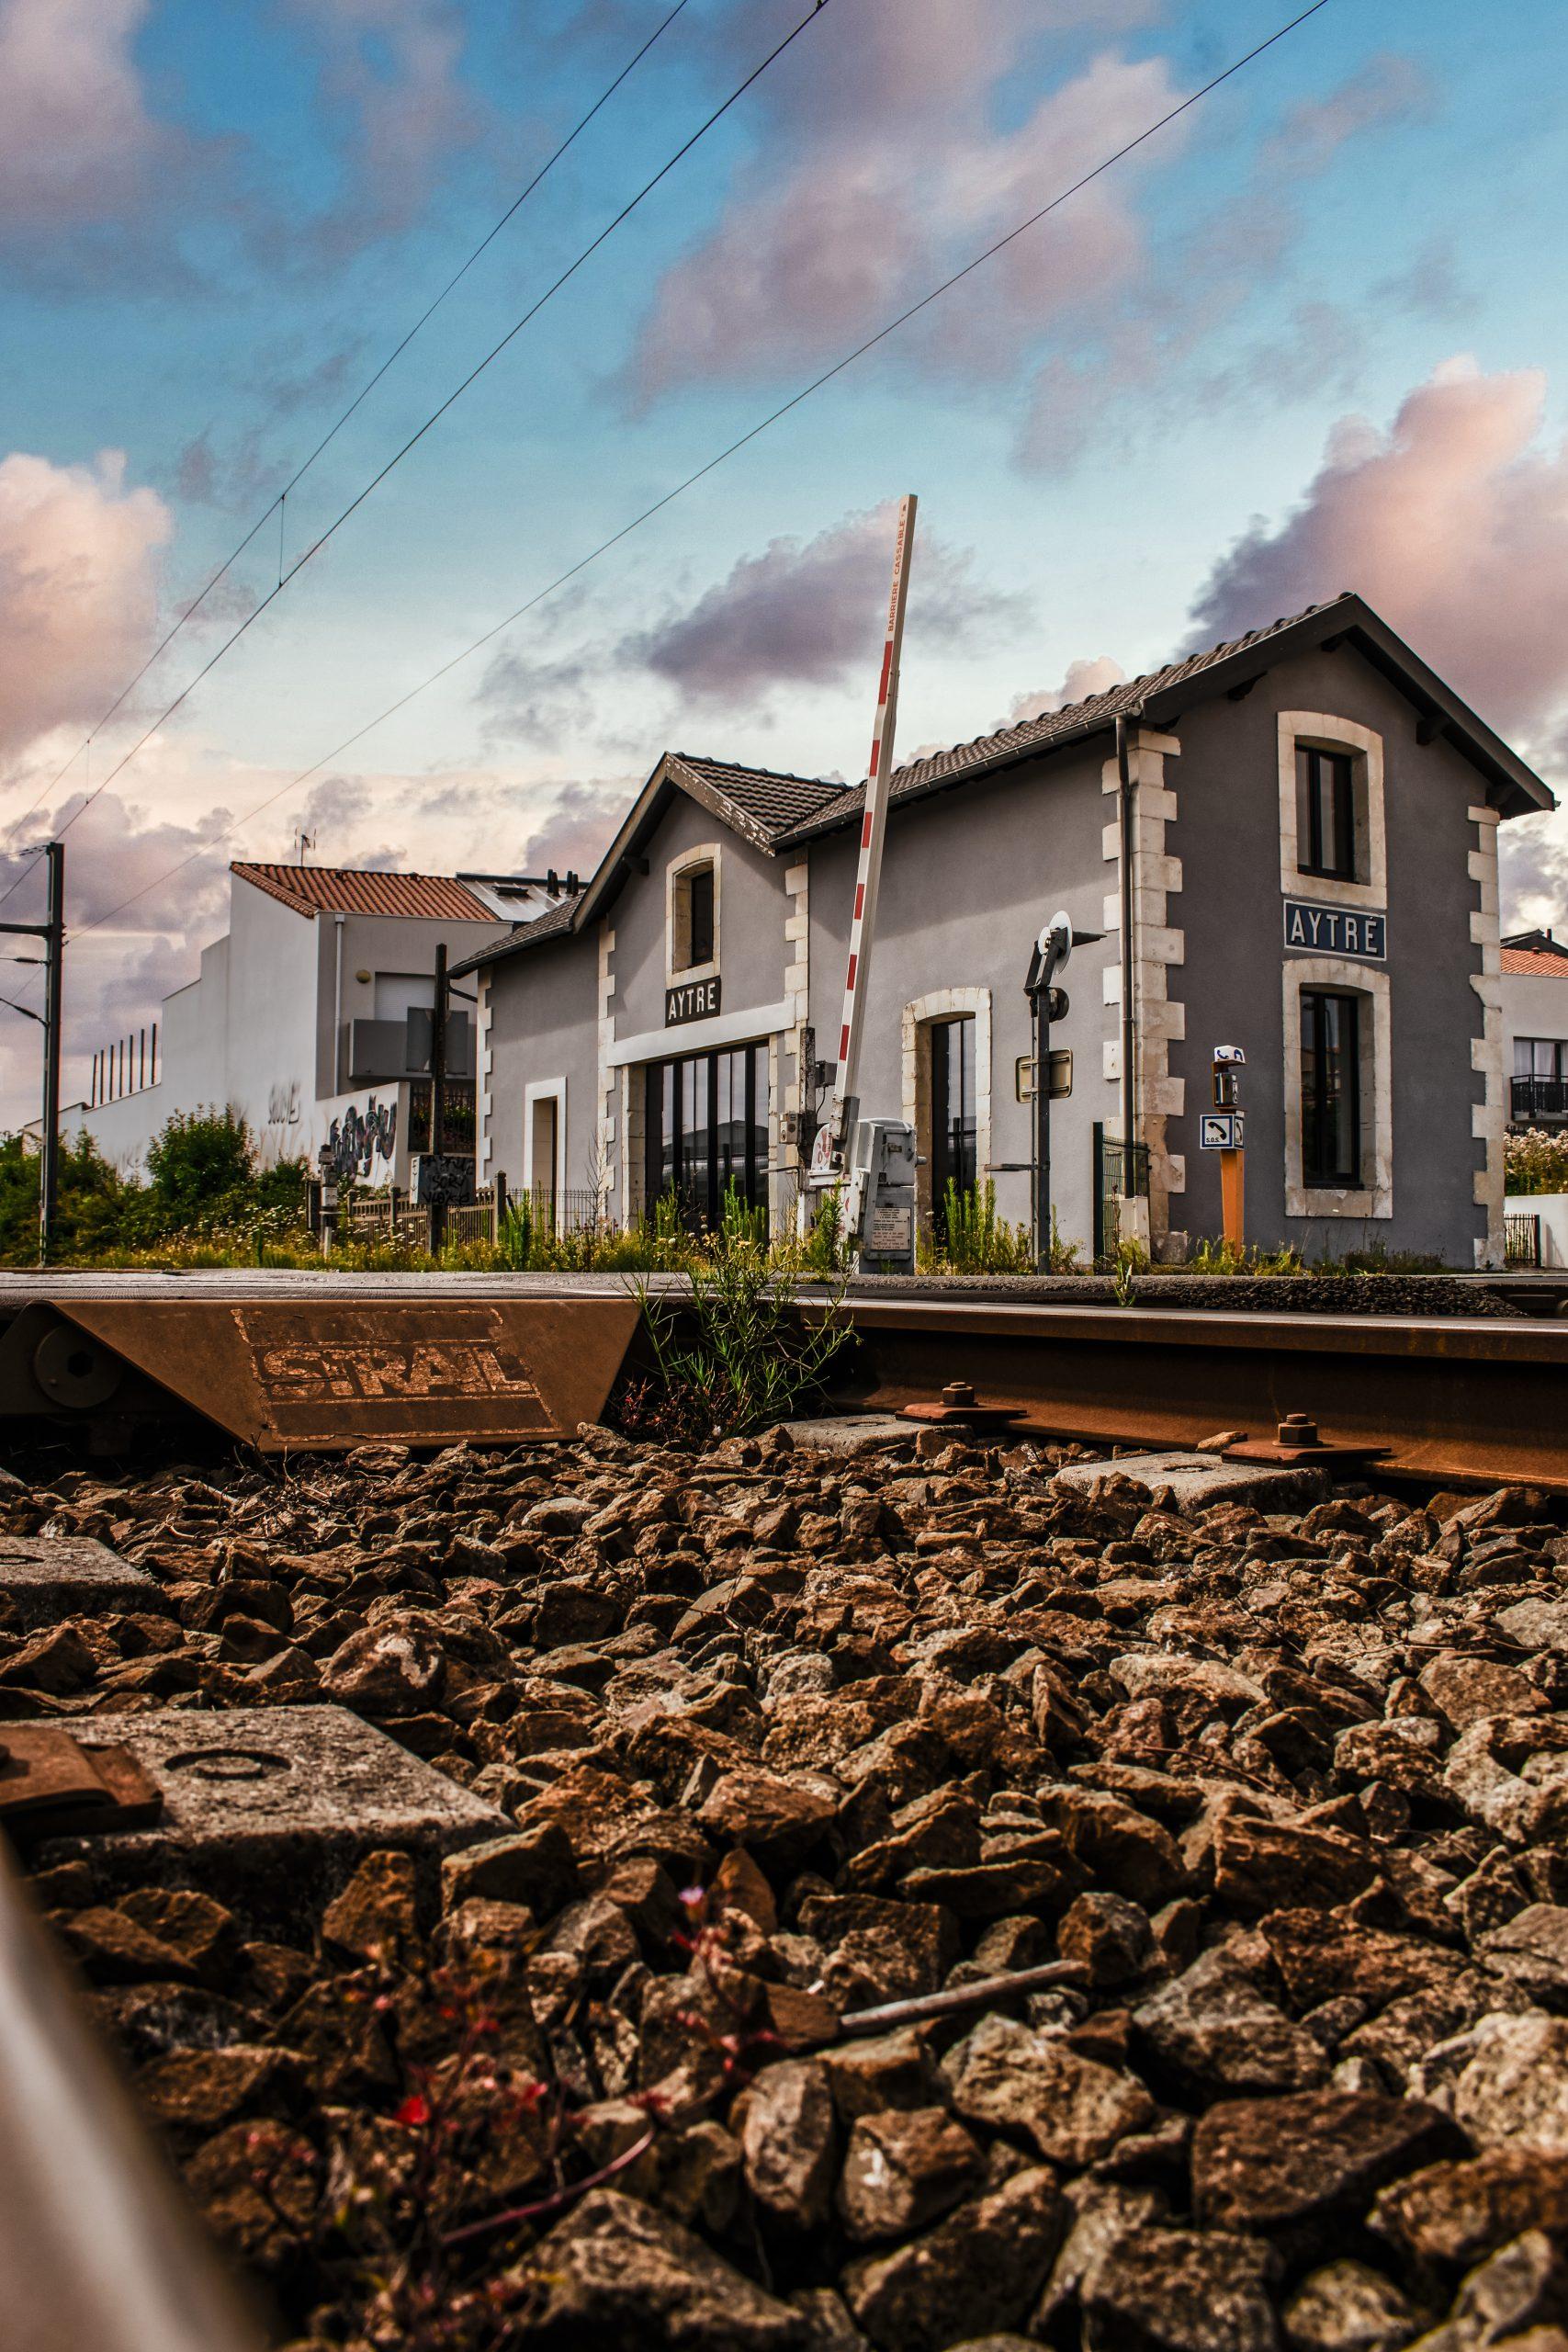 Gare Aytré